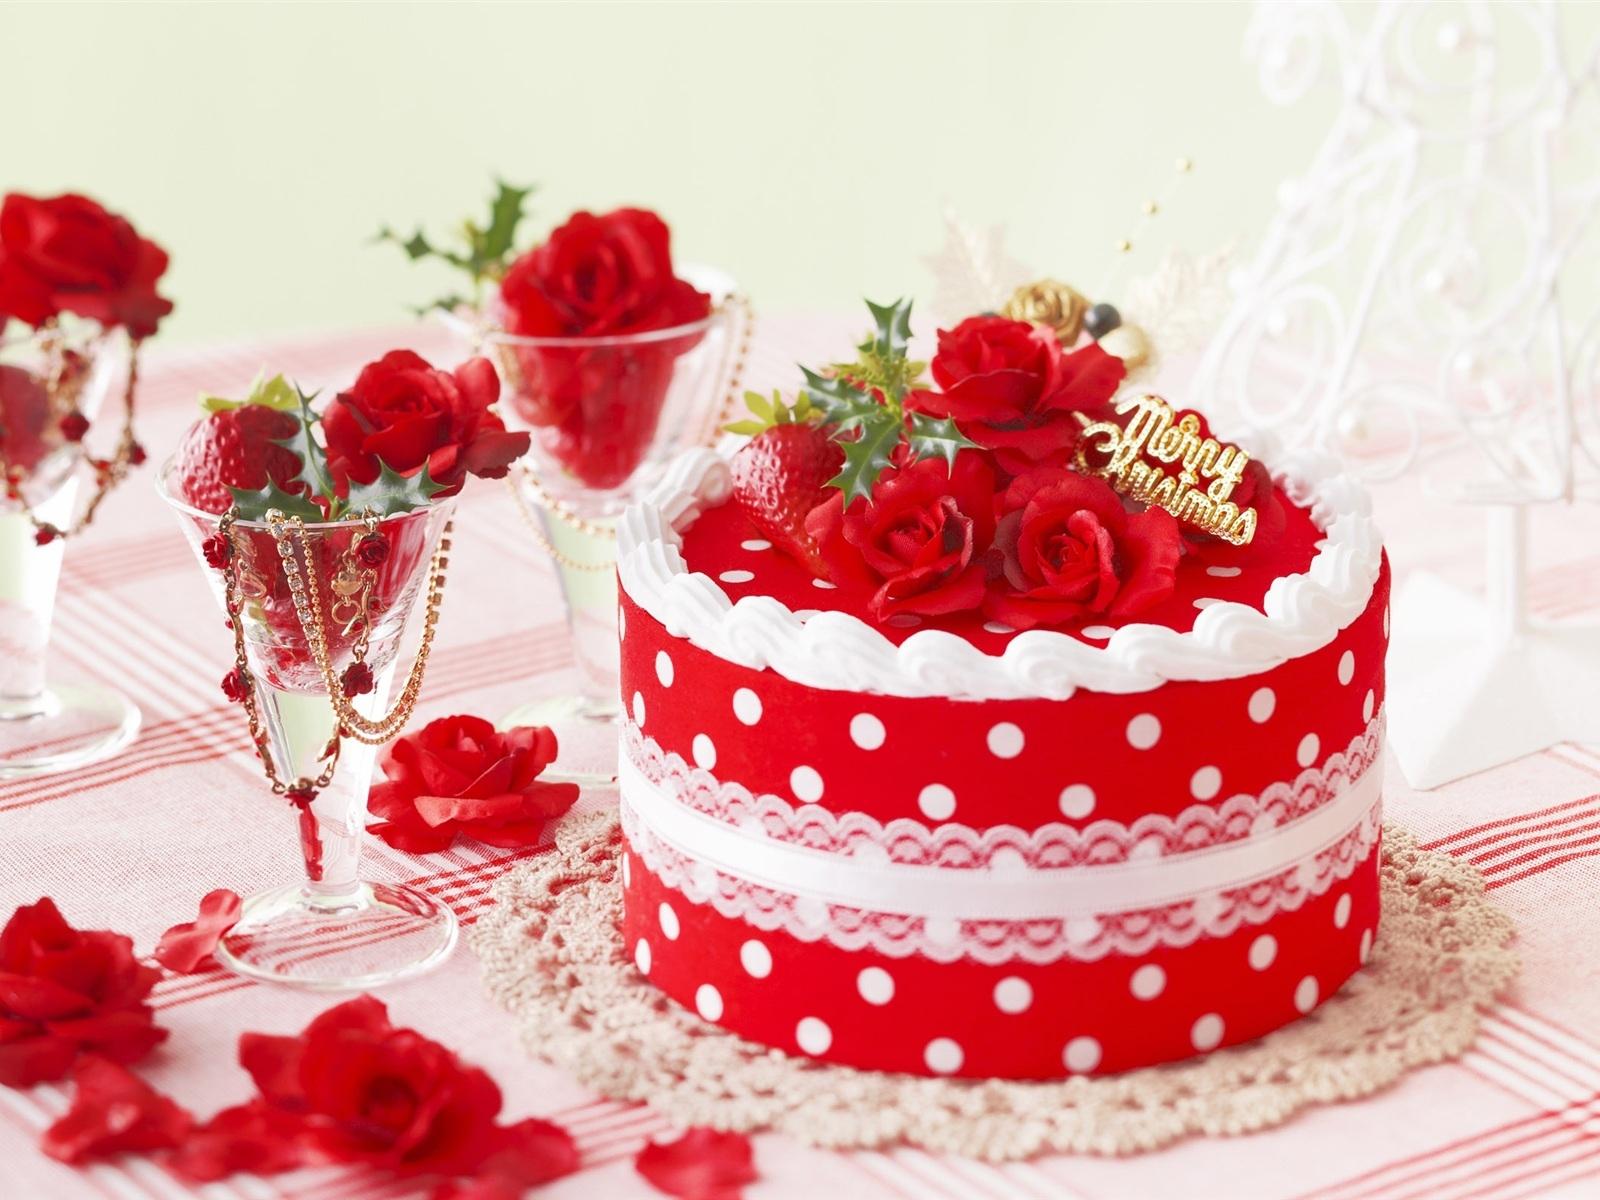 Картинка красивый торт